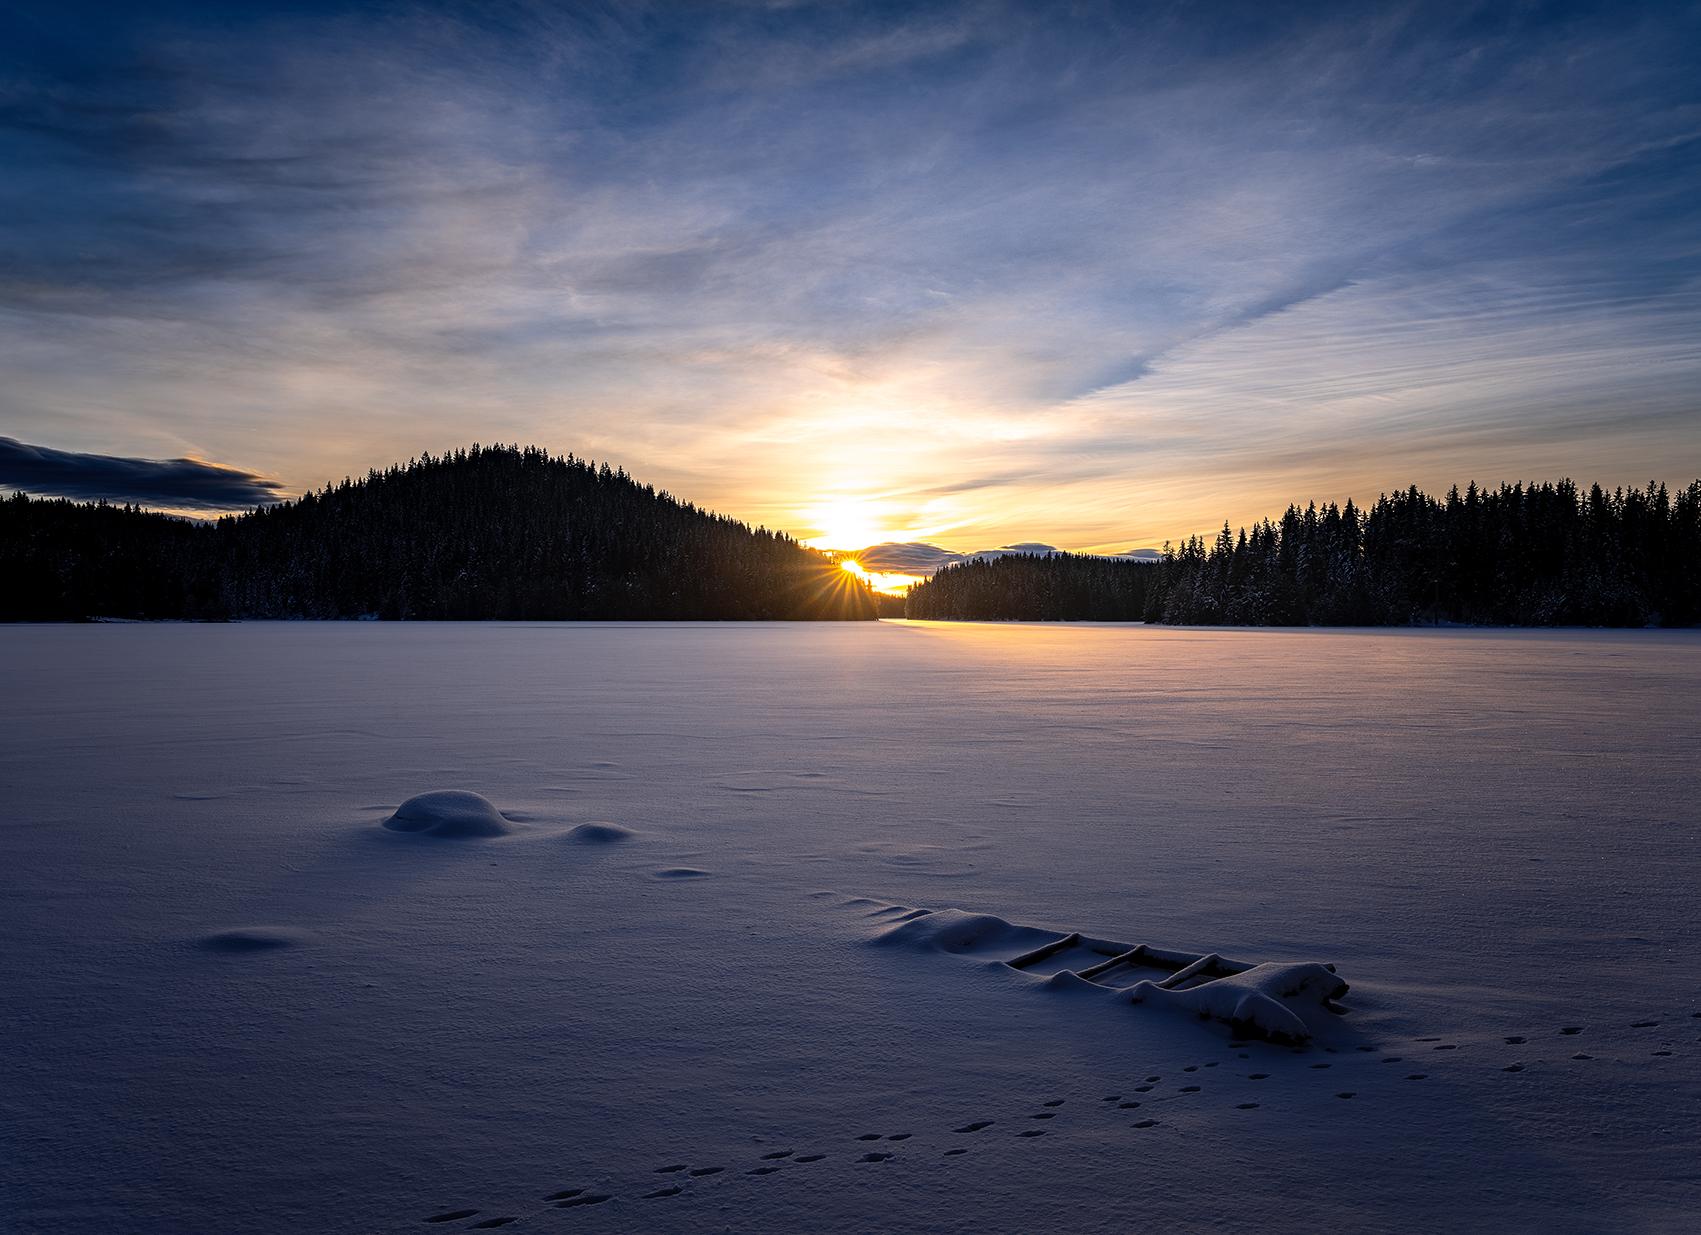 Sunrise with sunrays | Author Hristo Yordanov - ATHOM | PHOTO FORUM